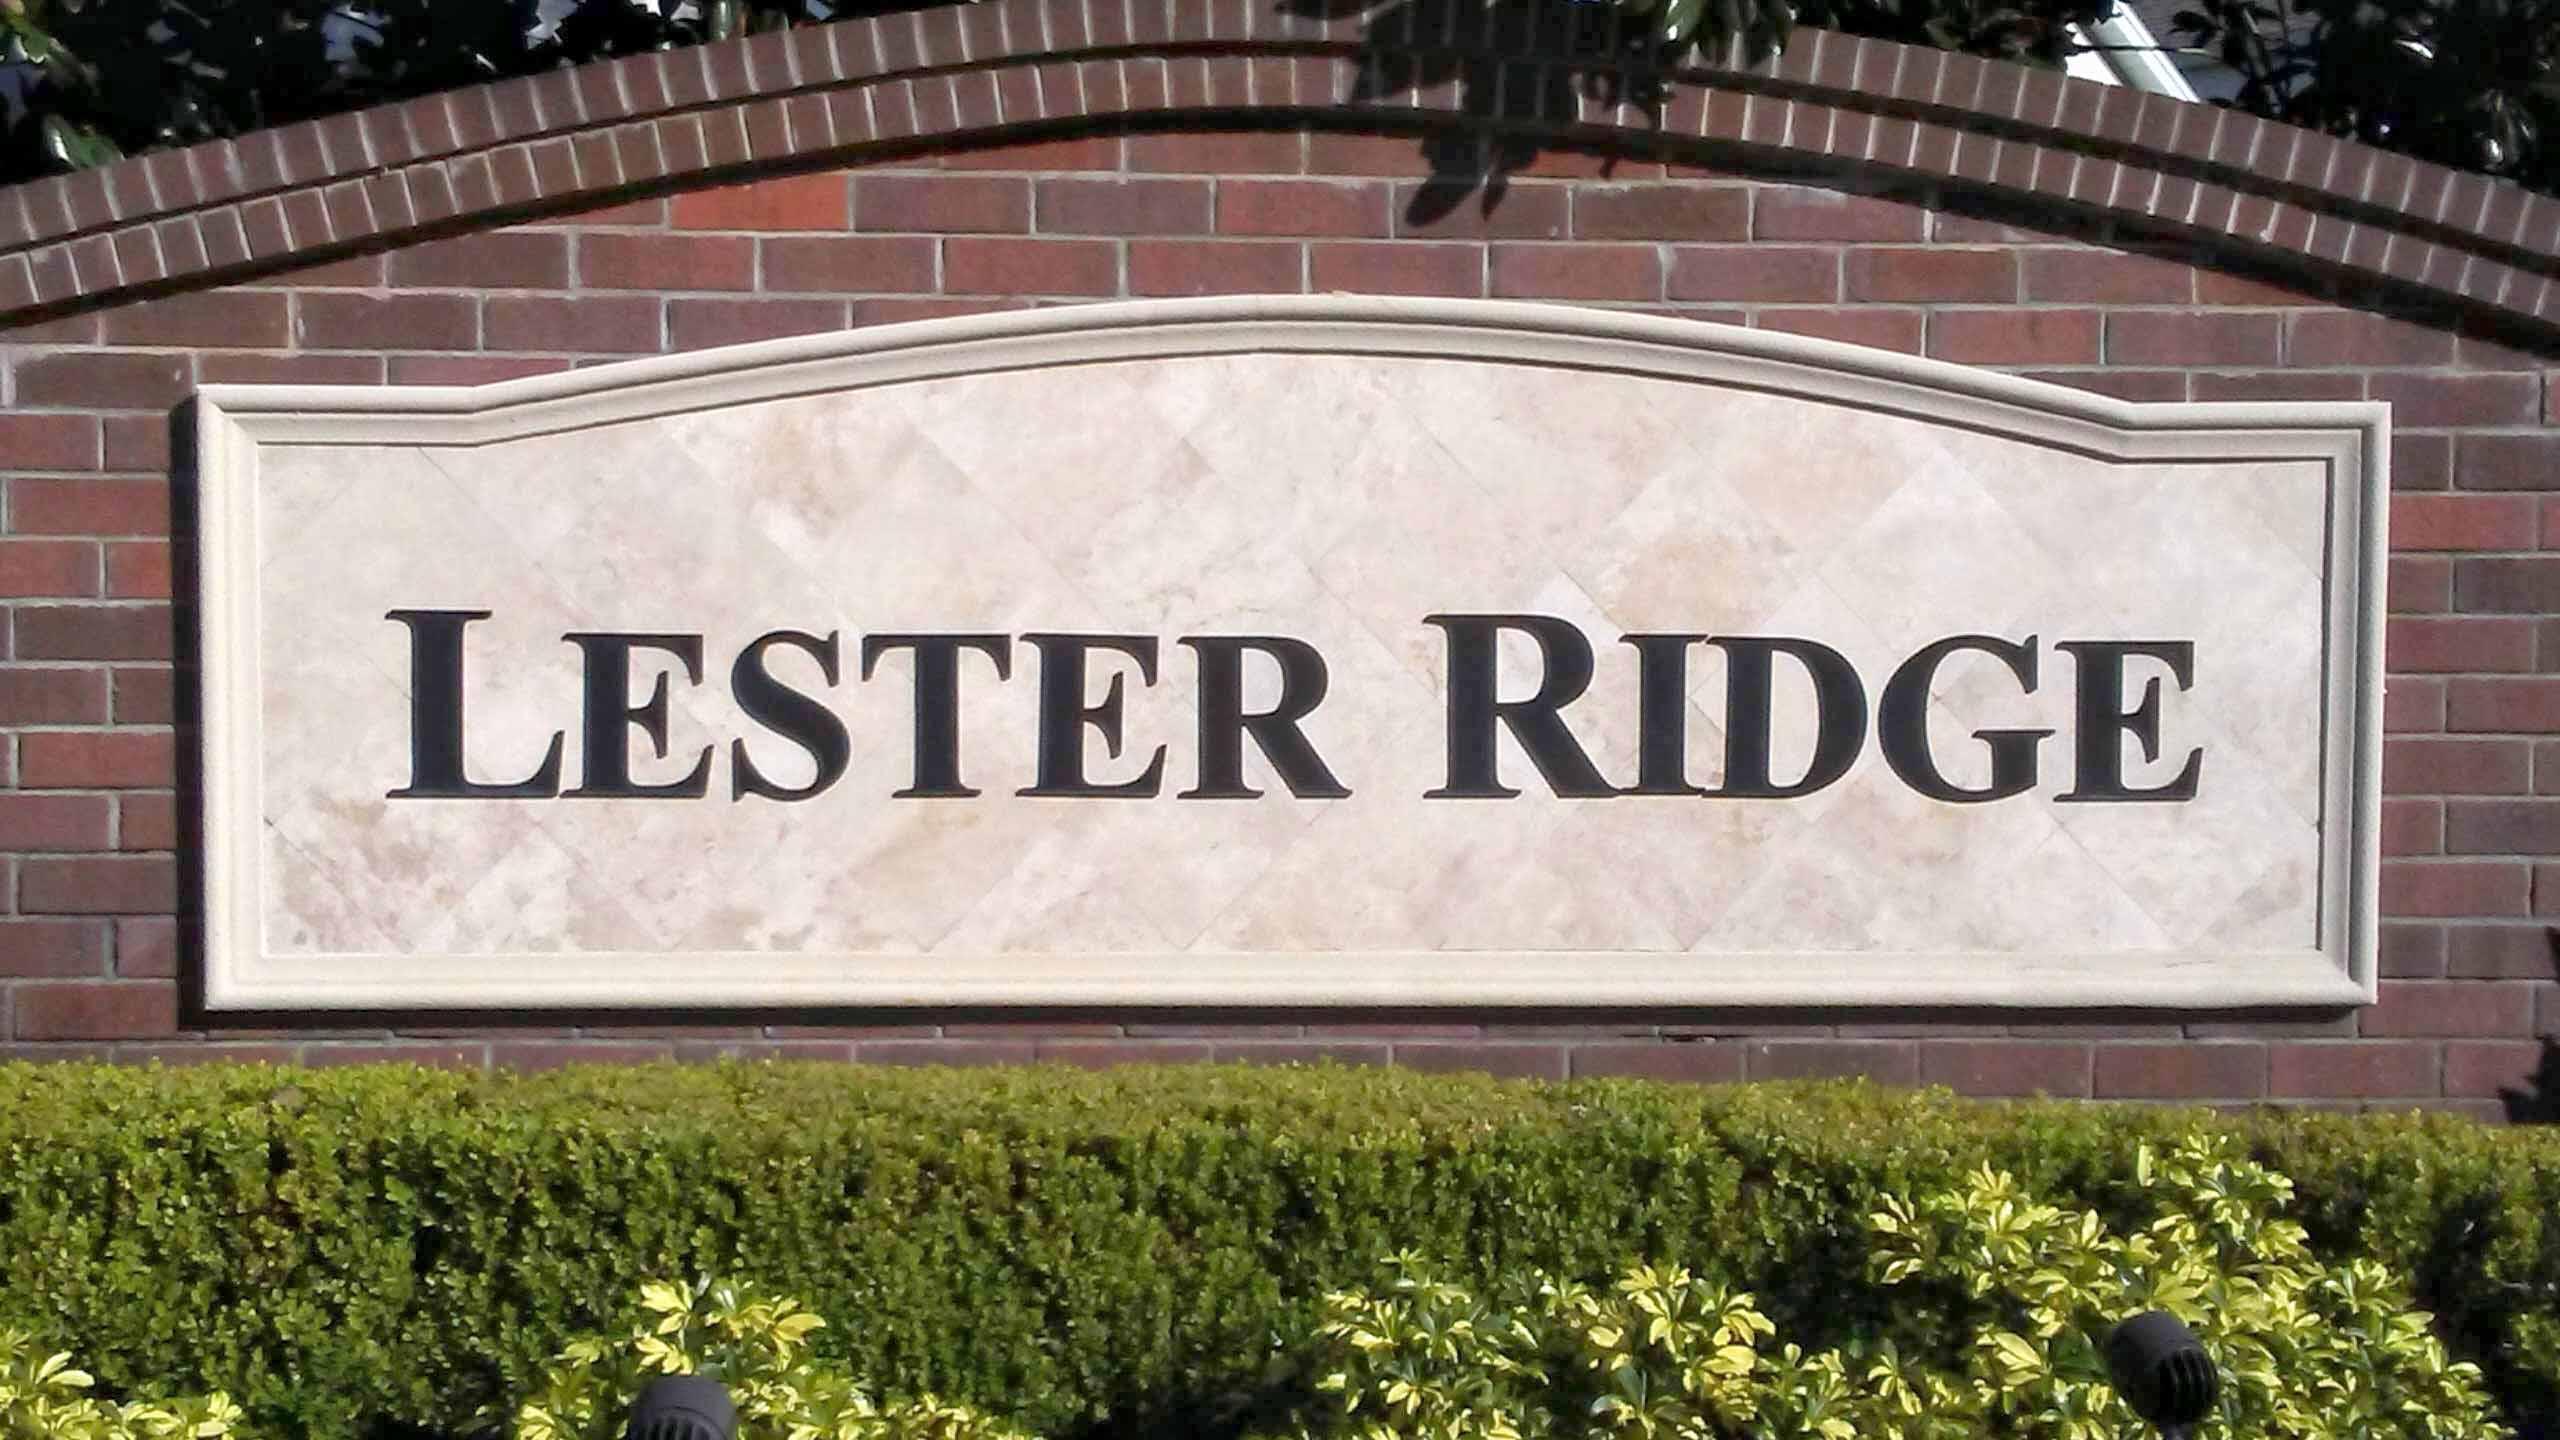 Lester Ridge, Apopka, Florida 32712